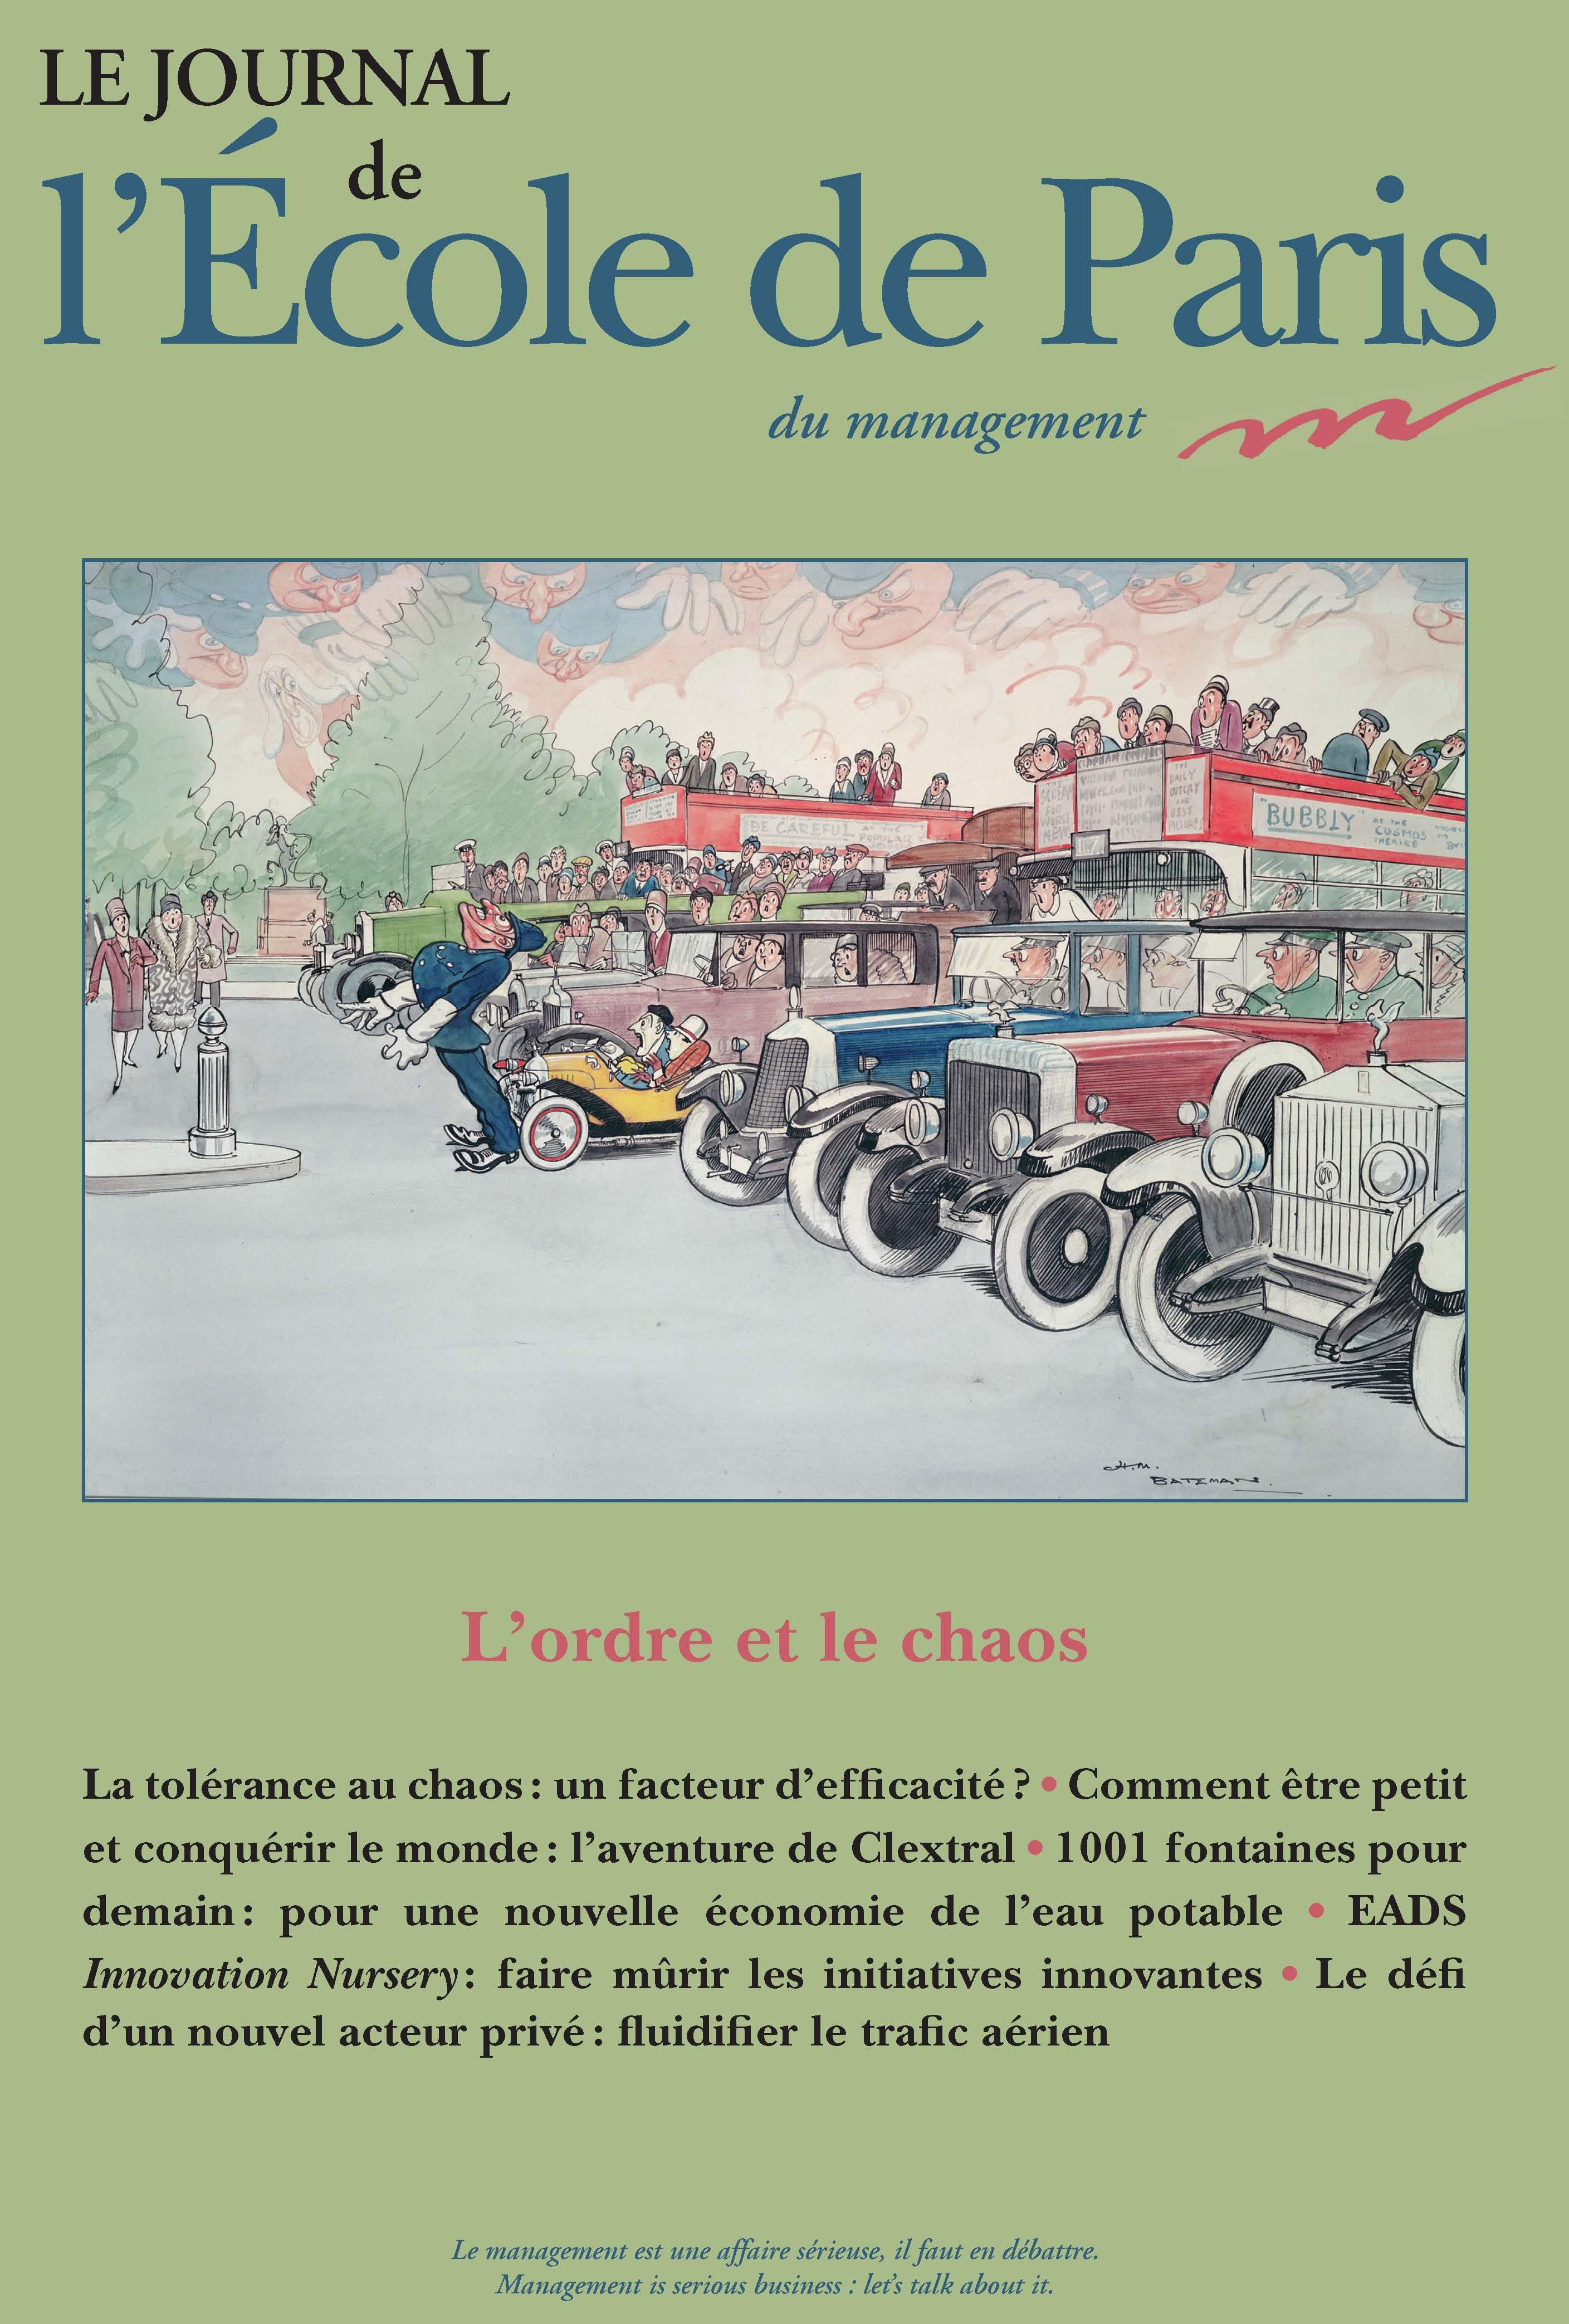 Comment Etre Petit Et Conquerir Le Monde L Aventure De Clextral Cairn Info